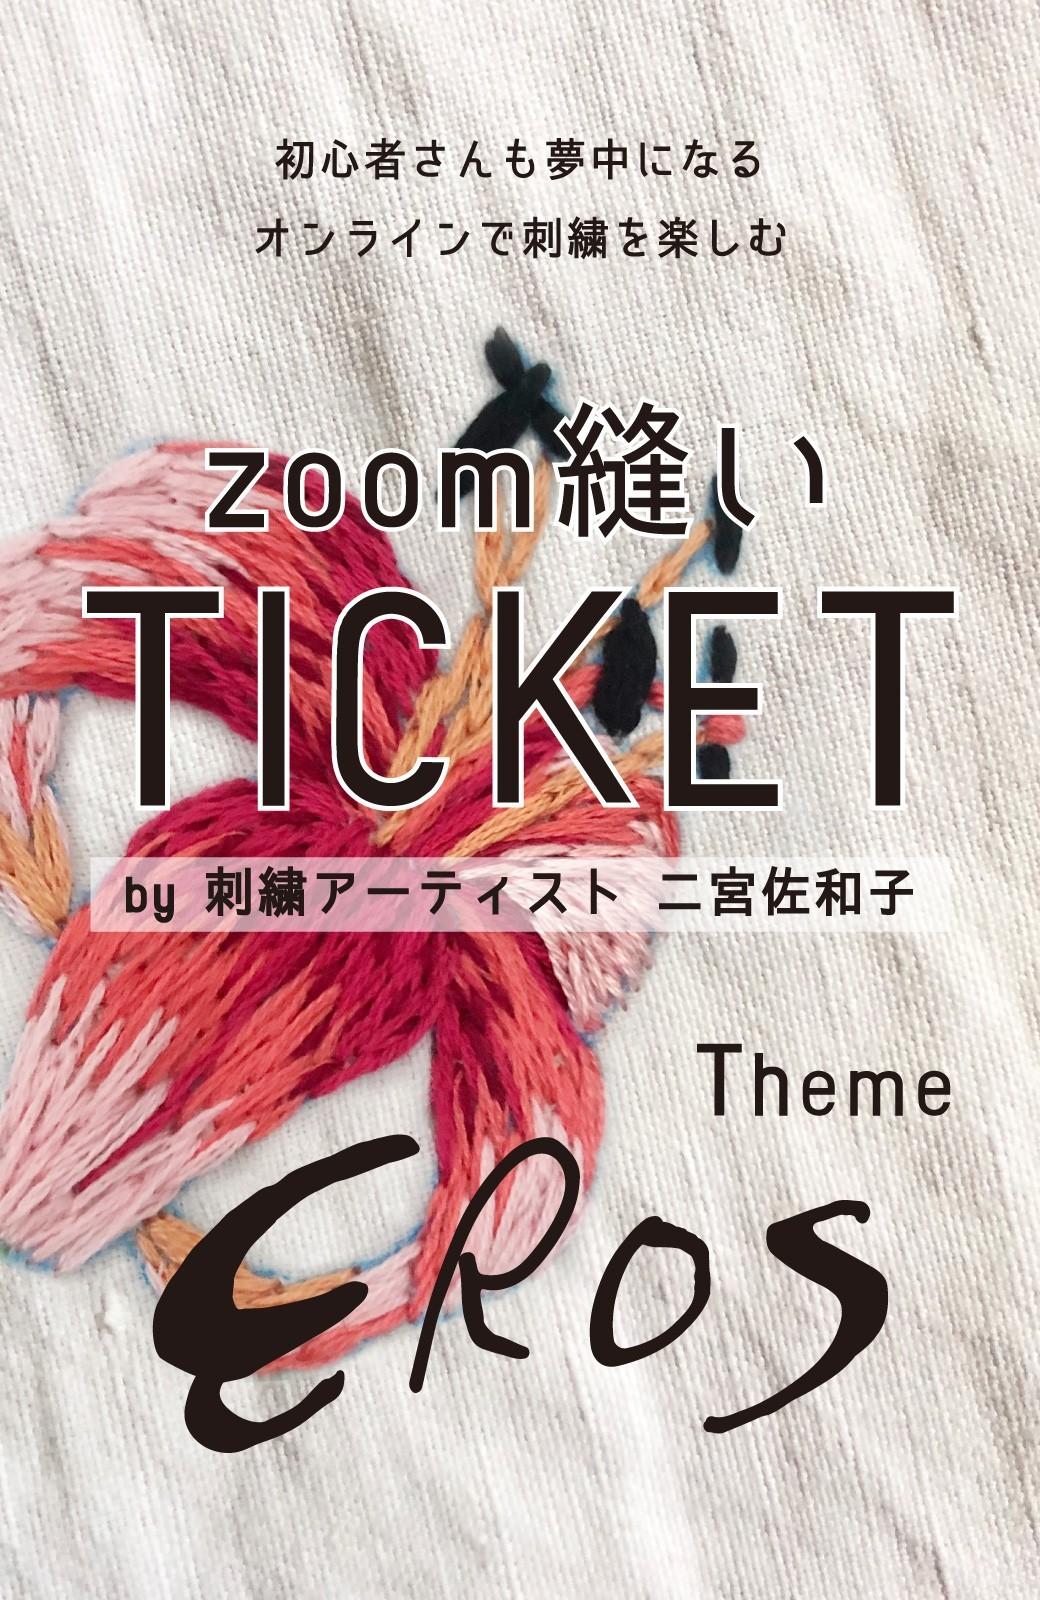 haco! haco! [haco! POST] 刺繍アーティスト二宮佐和子さんとみんなでワイワイ刺繍!zoom縫いワークショップ参加チケット 6/28・7/1開催<eros> <その他>の商品写真1